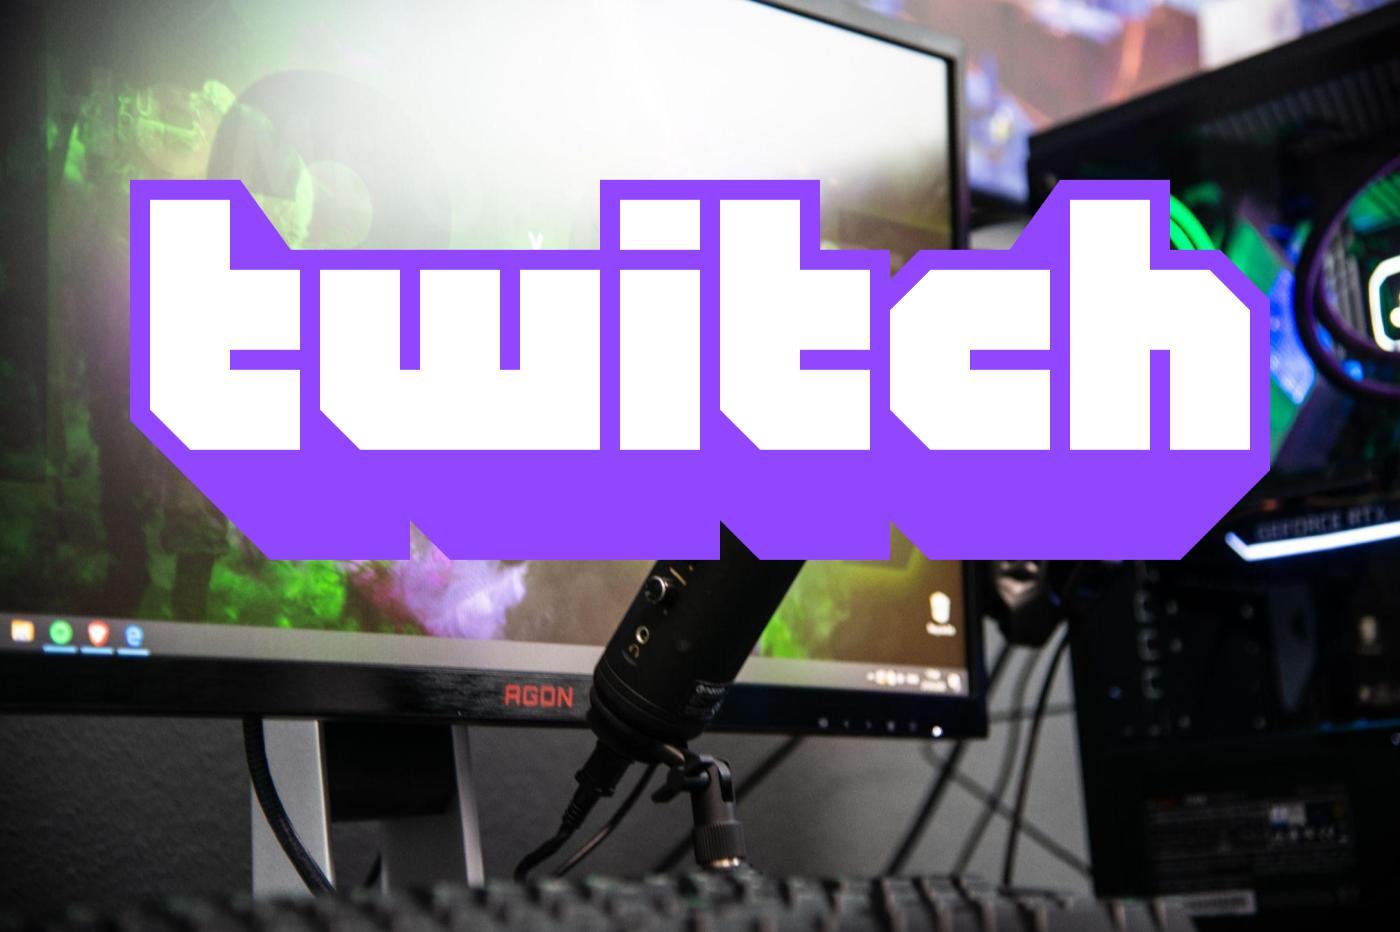 Les banderoles brésiliennes organisent une grève Twitch